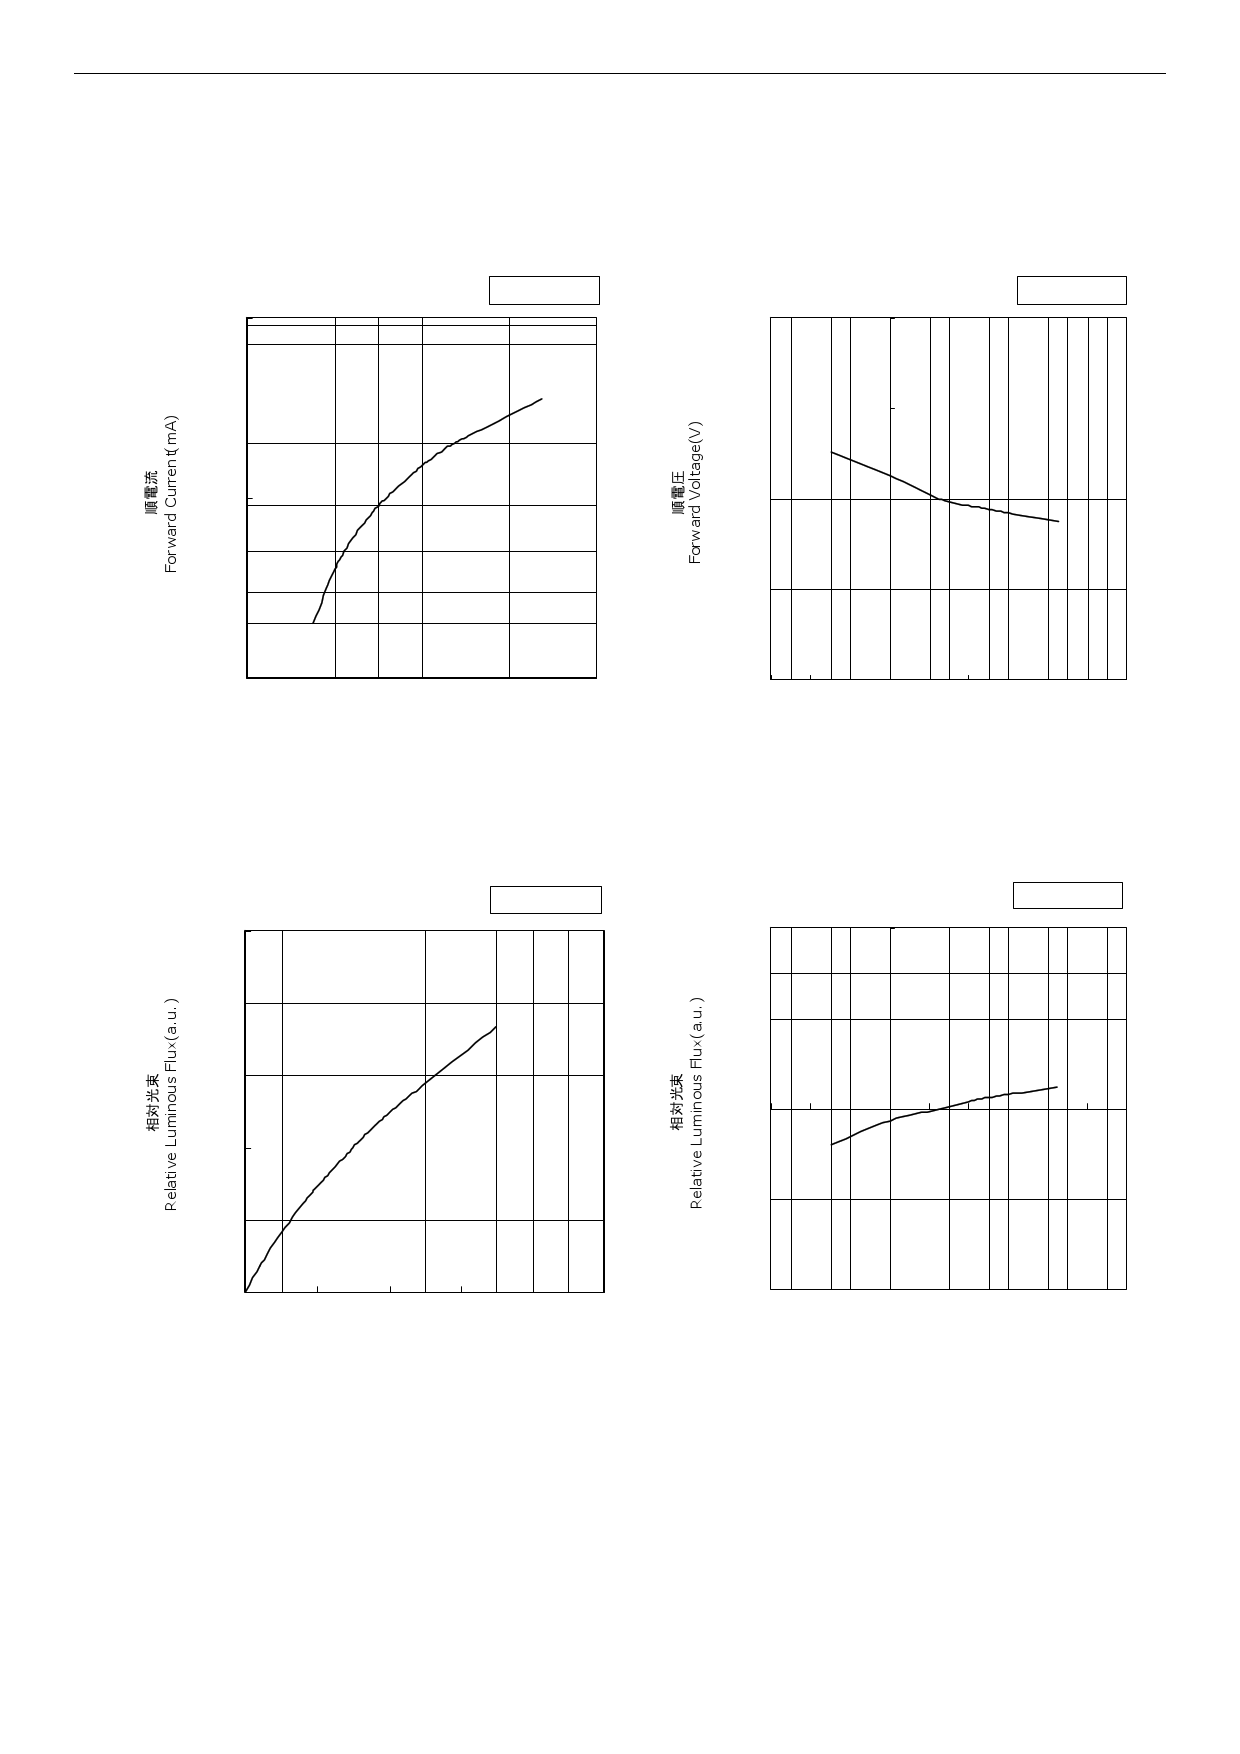 NFSB036BT pdf, datenblatt